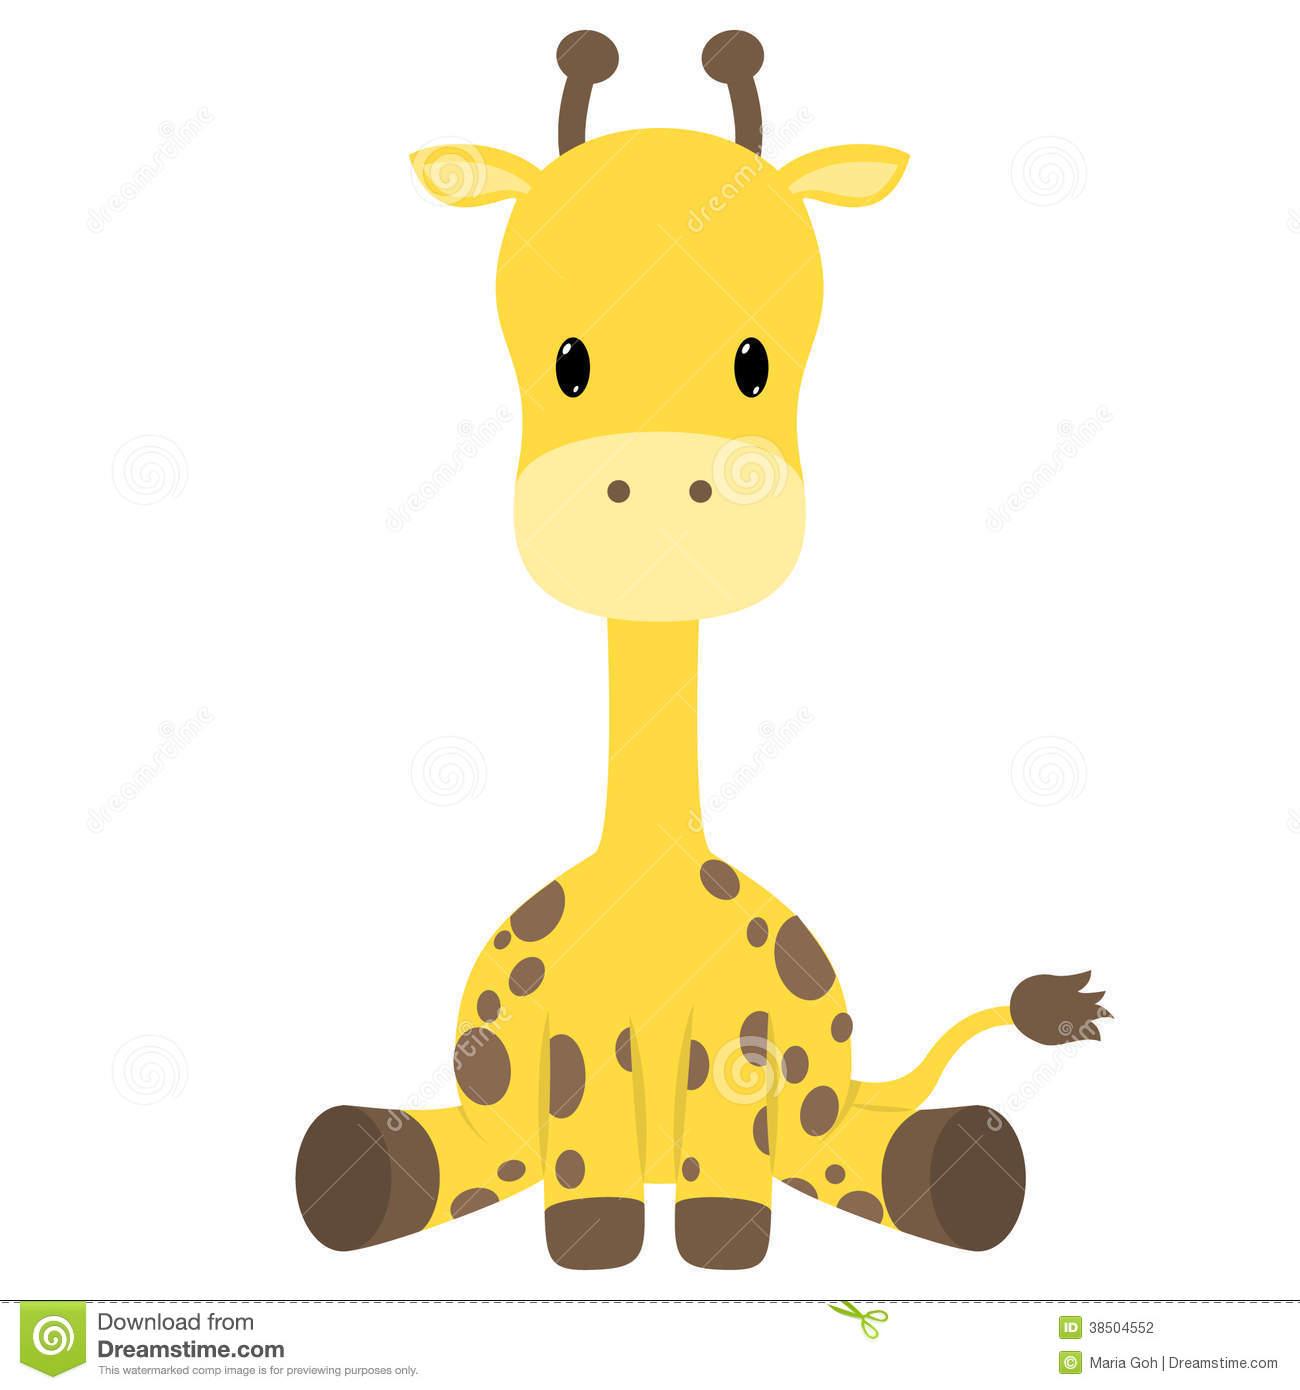 Animal clipart baby giraffe  Pesquisa CLIPART Giraffe Google